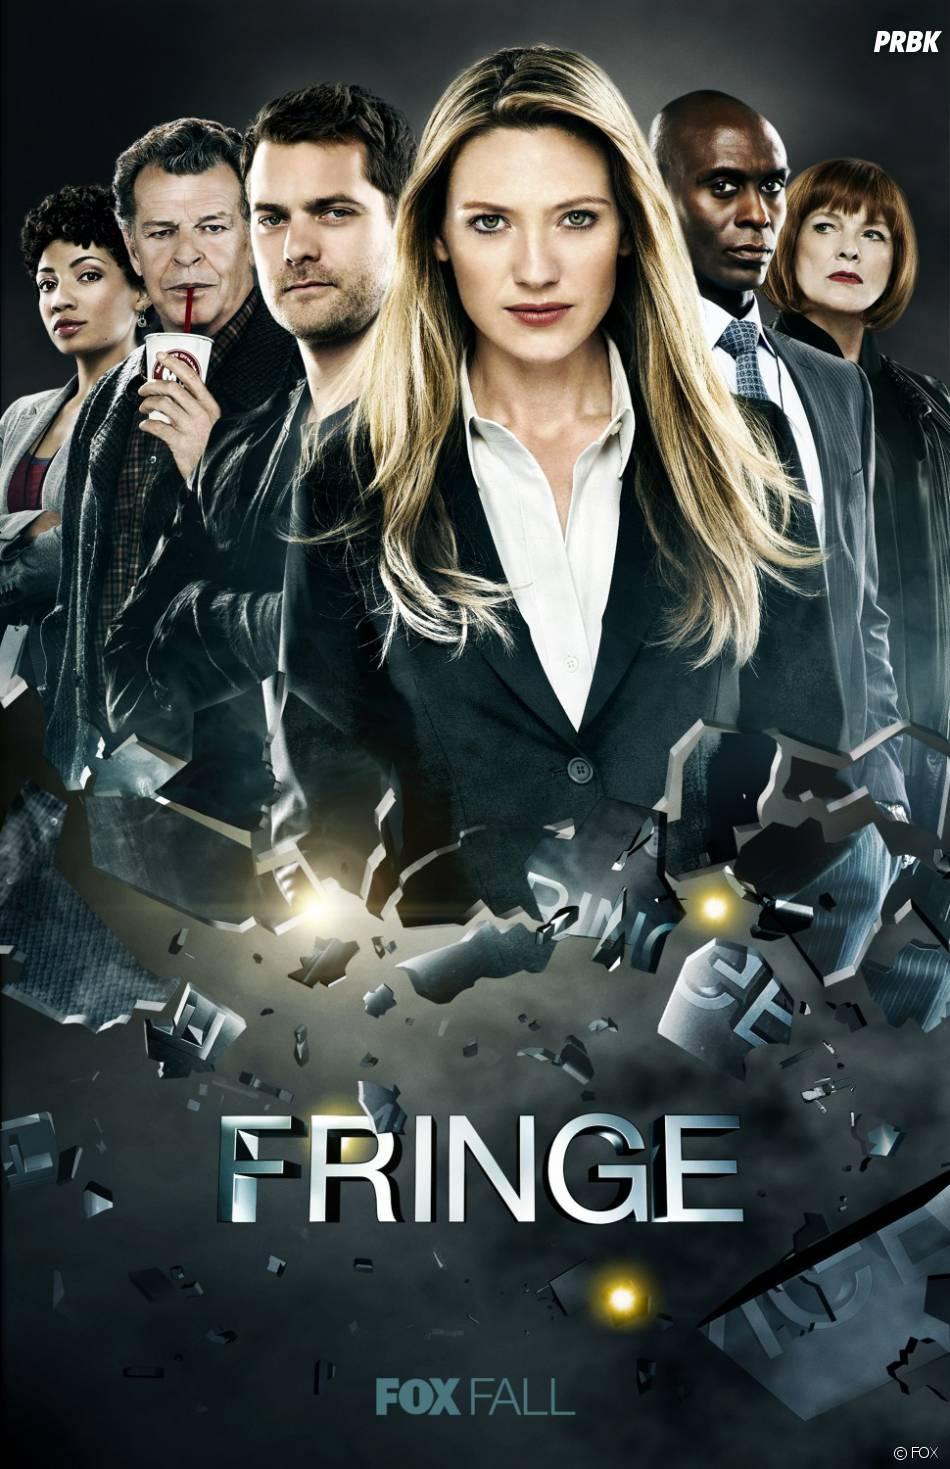 La saison 5 de Fringe s'annonce exceptionelle !